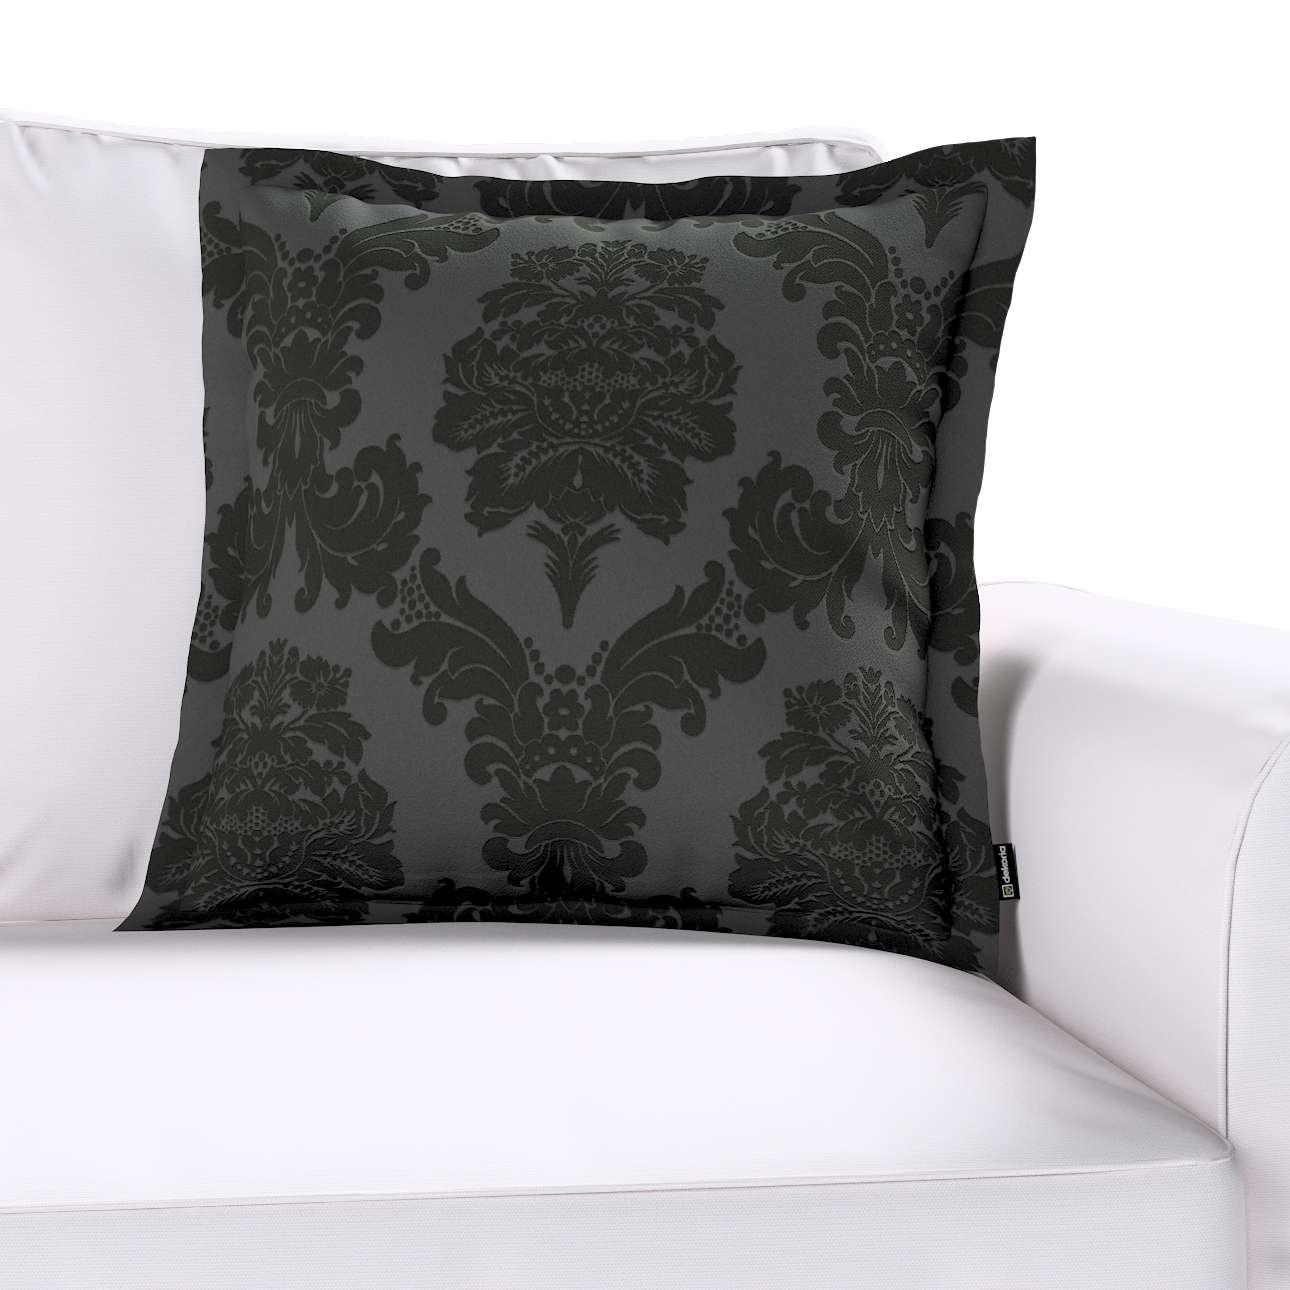 Poszewka Mona na poduszkę w kolekcji Damasco, tkanina: 613-32